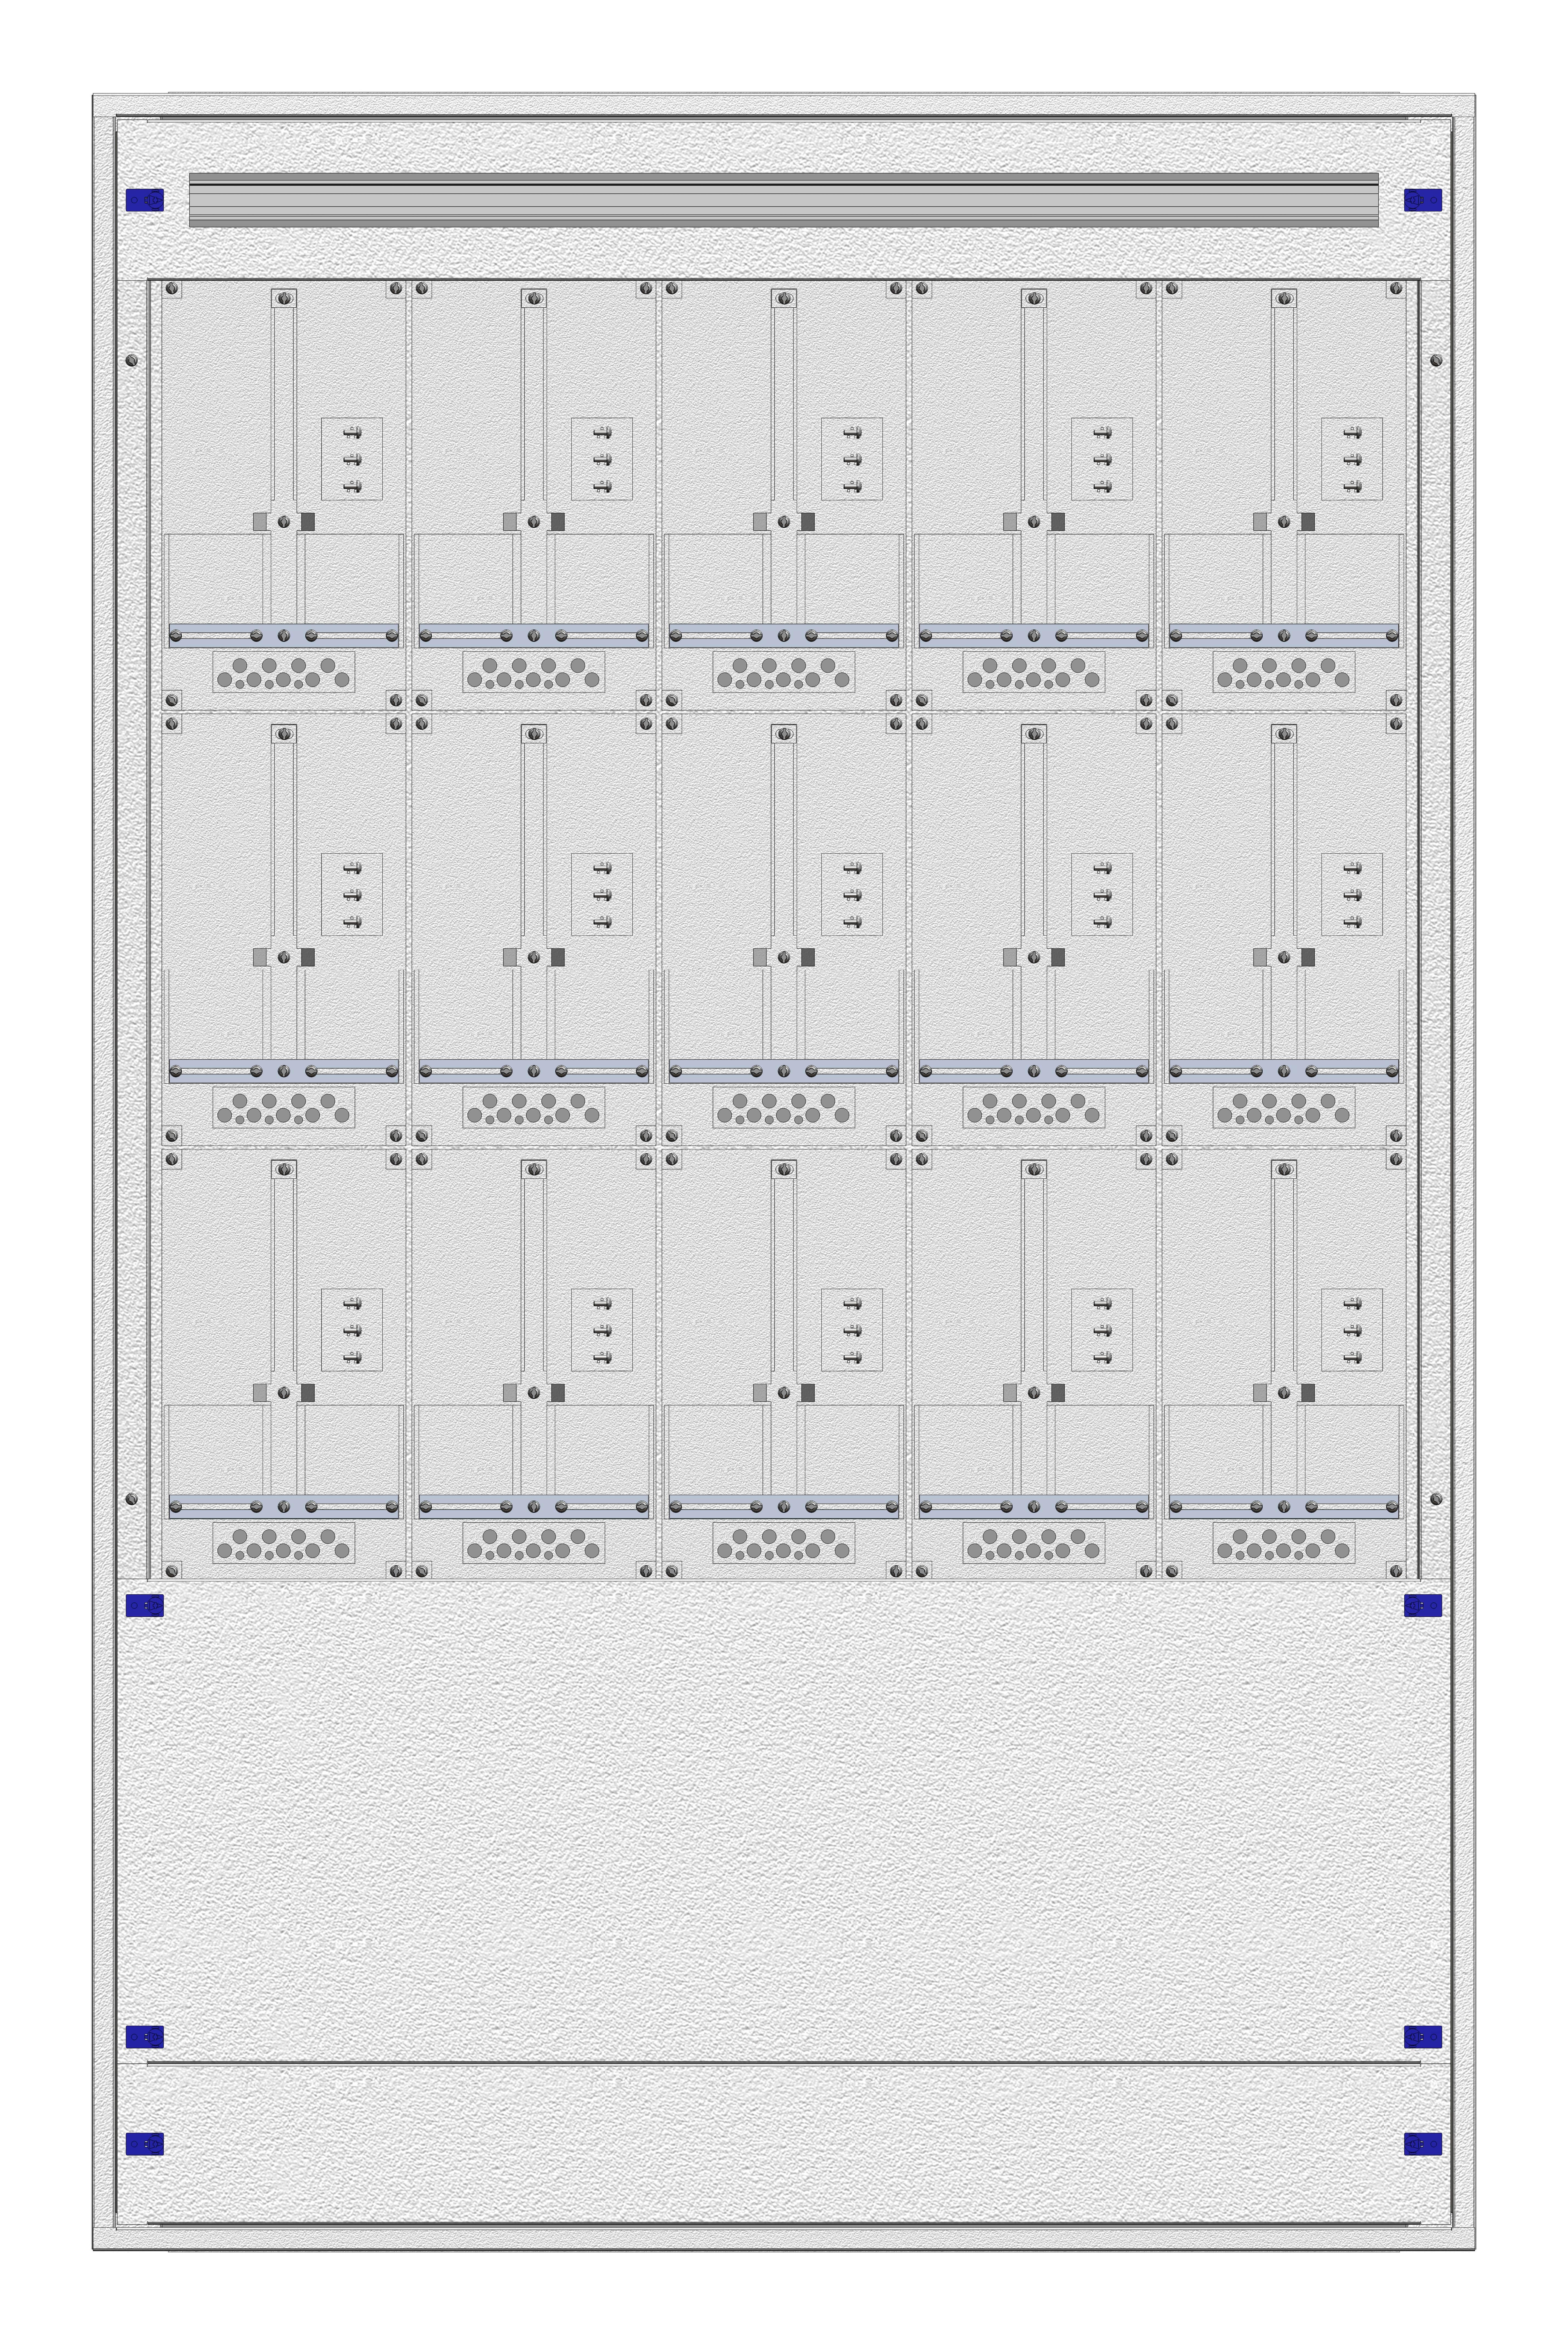 1 Stk Masken-Zählerverteiler 5M-39M/WIEN 15ZP, H1855B1180T200mm IL122539WS